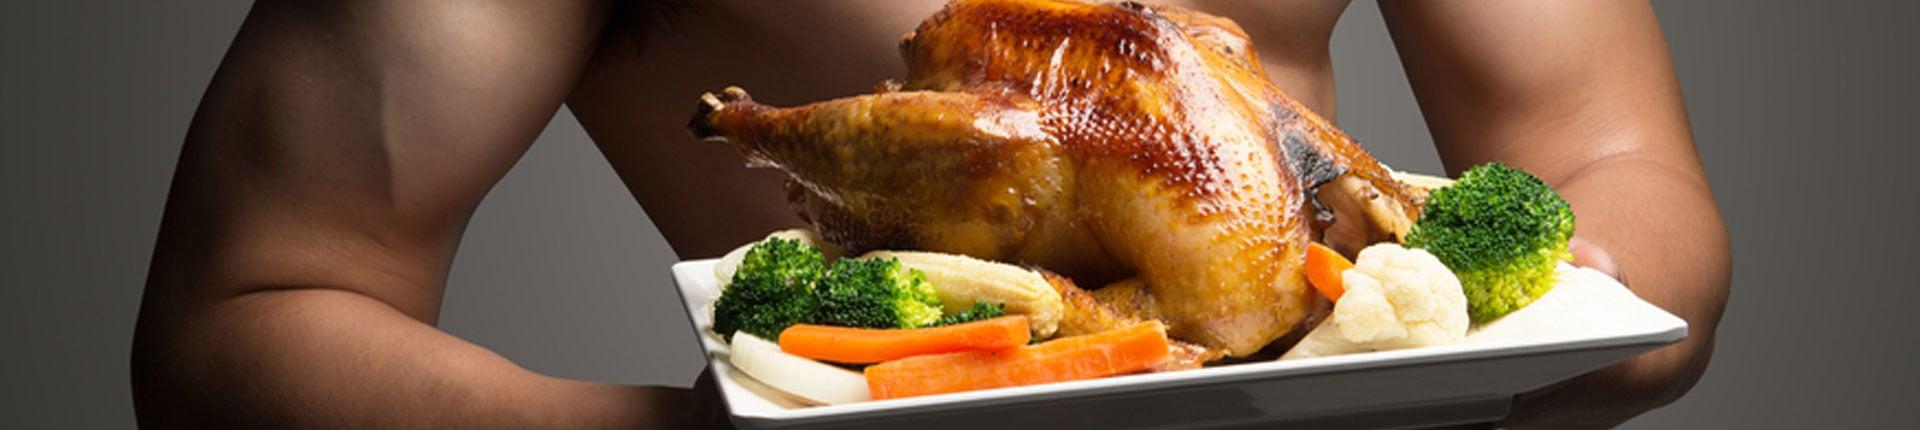 Dlaczego kulturyści jedzą kurczaki?